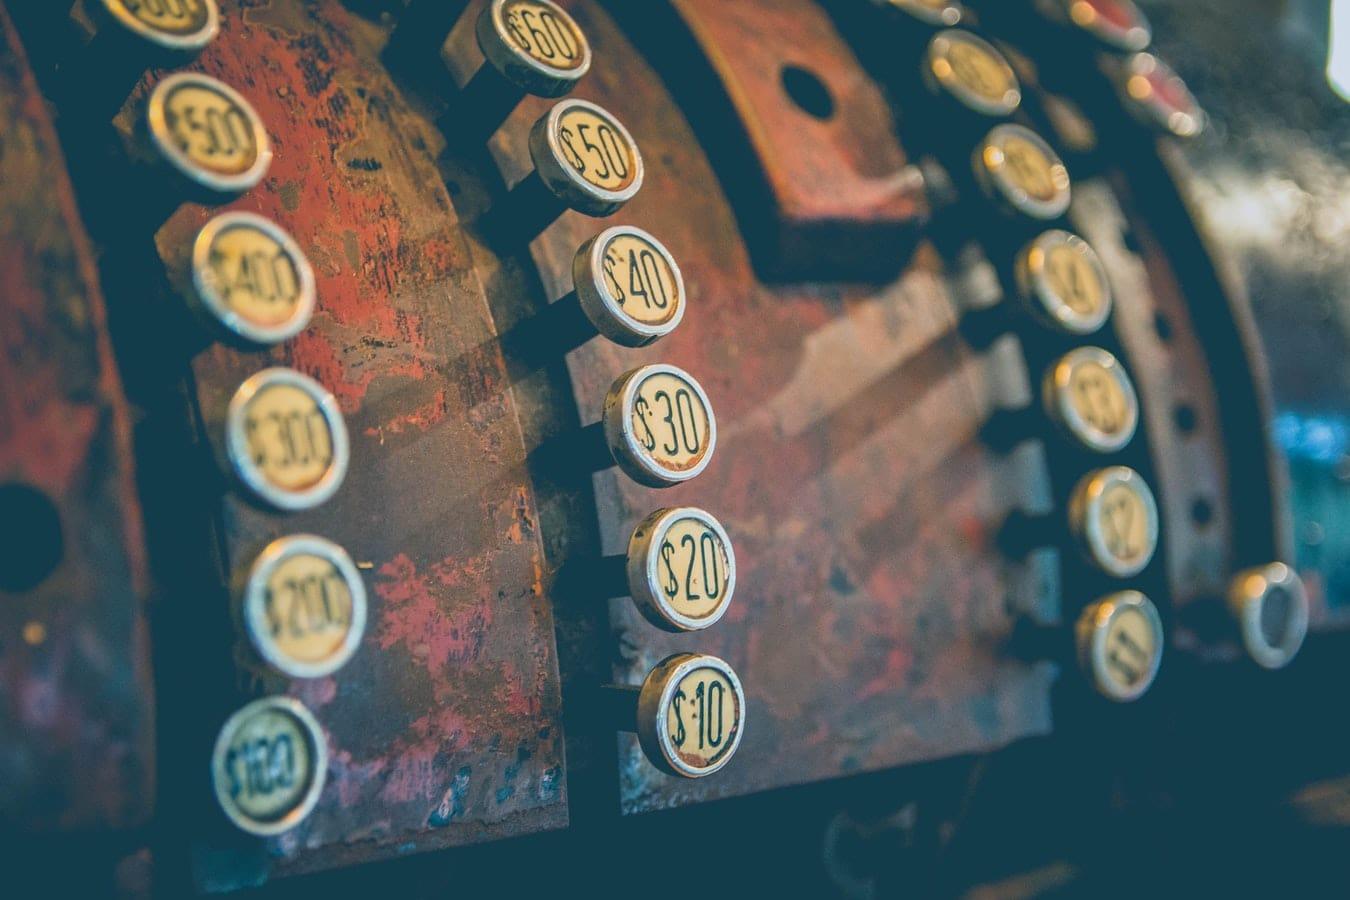 cash register used in price discrimination